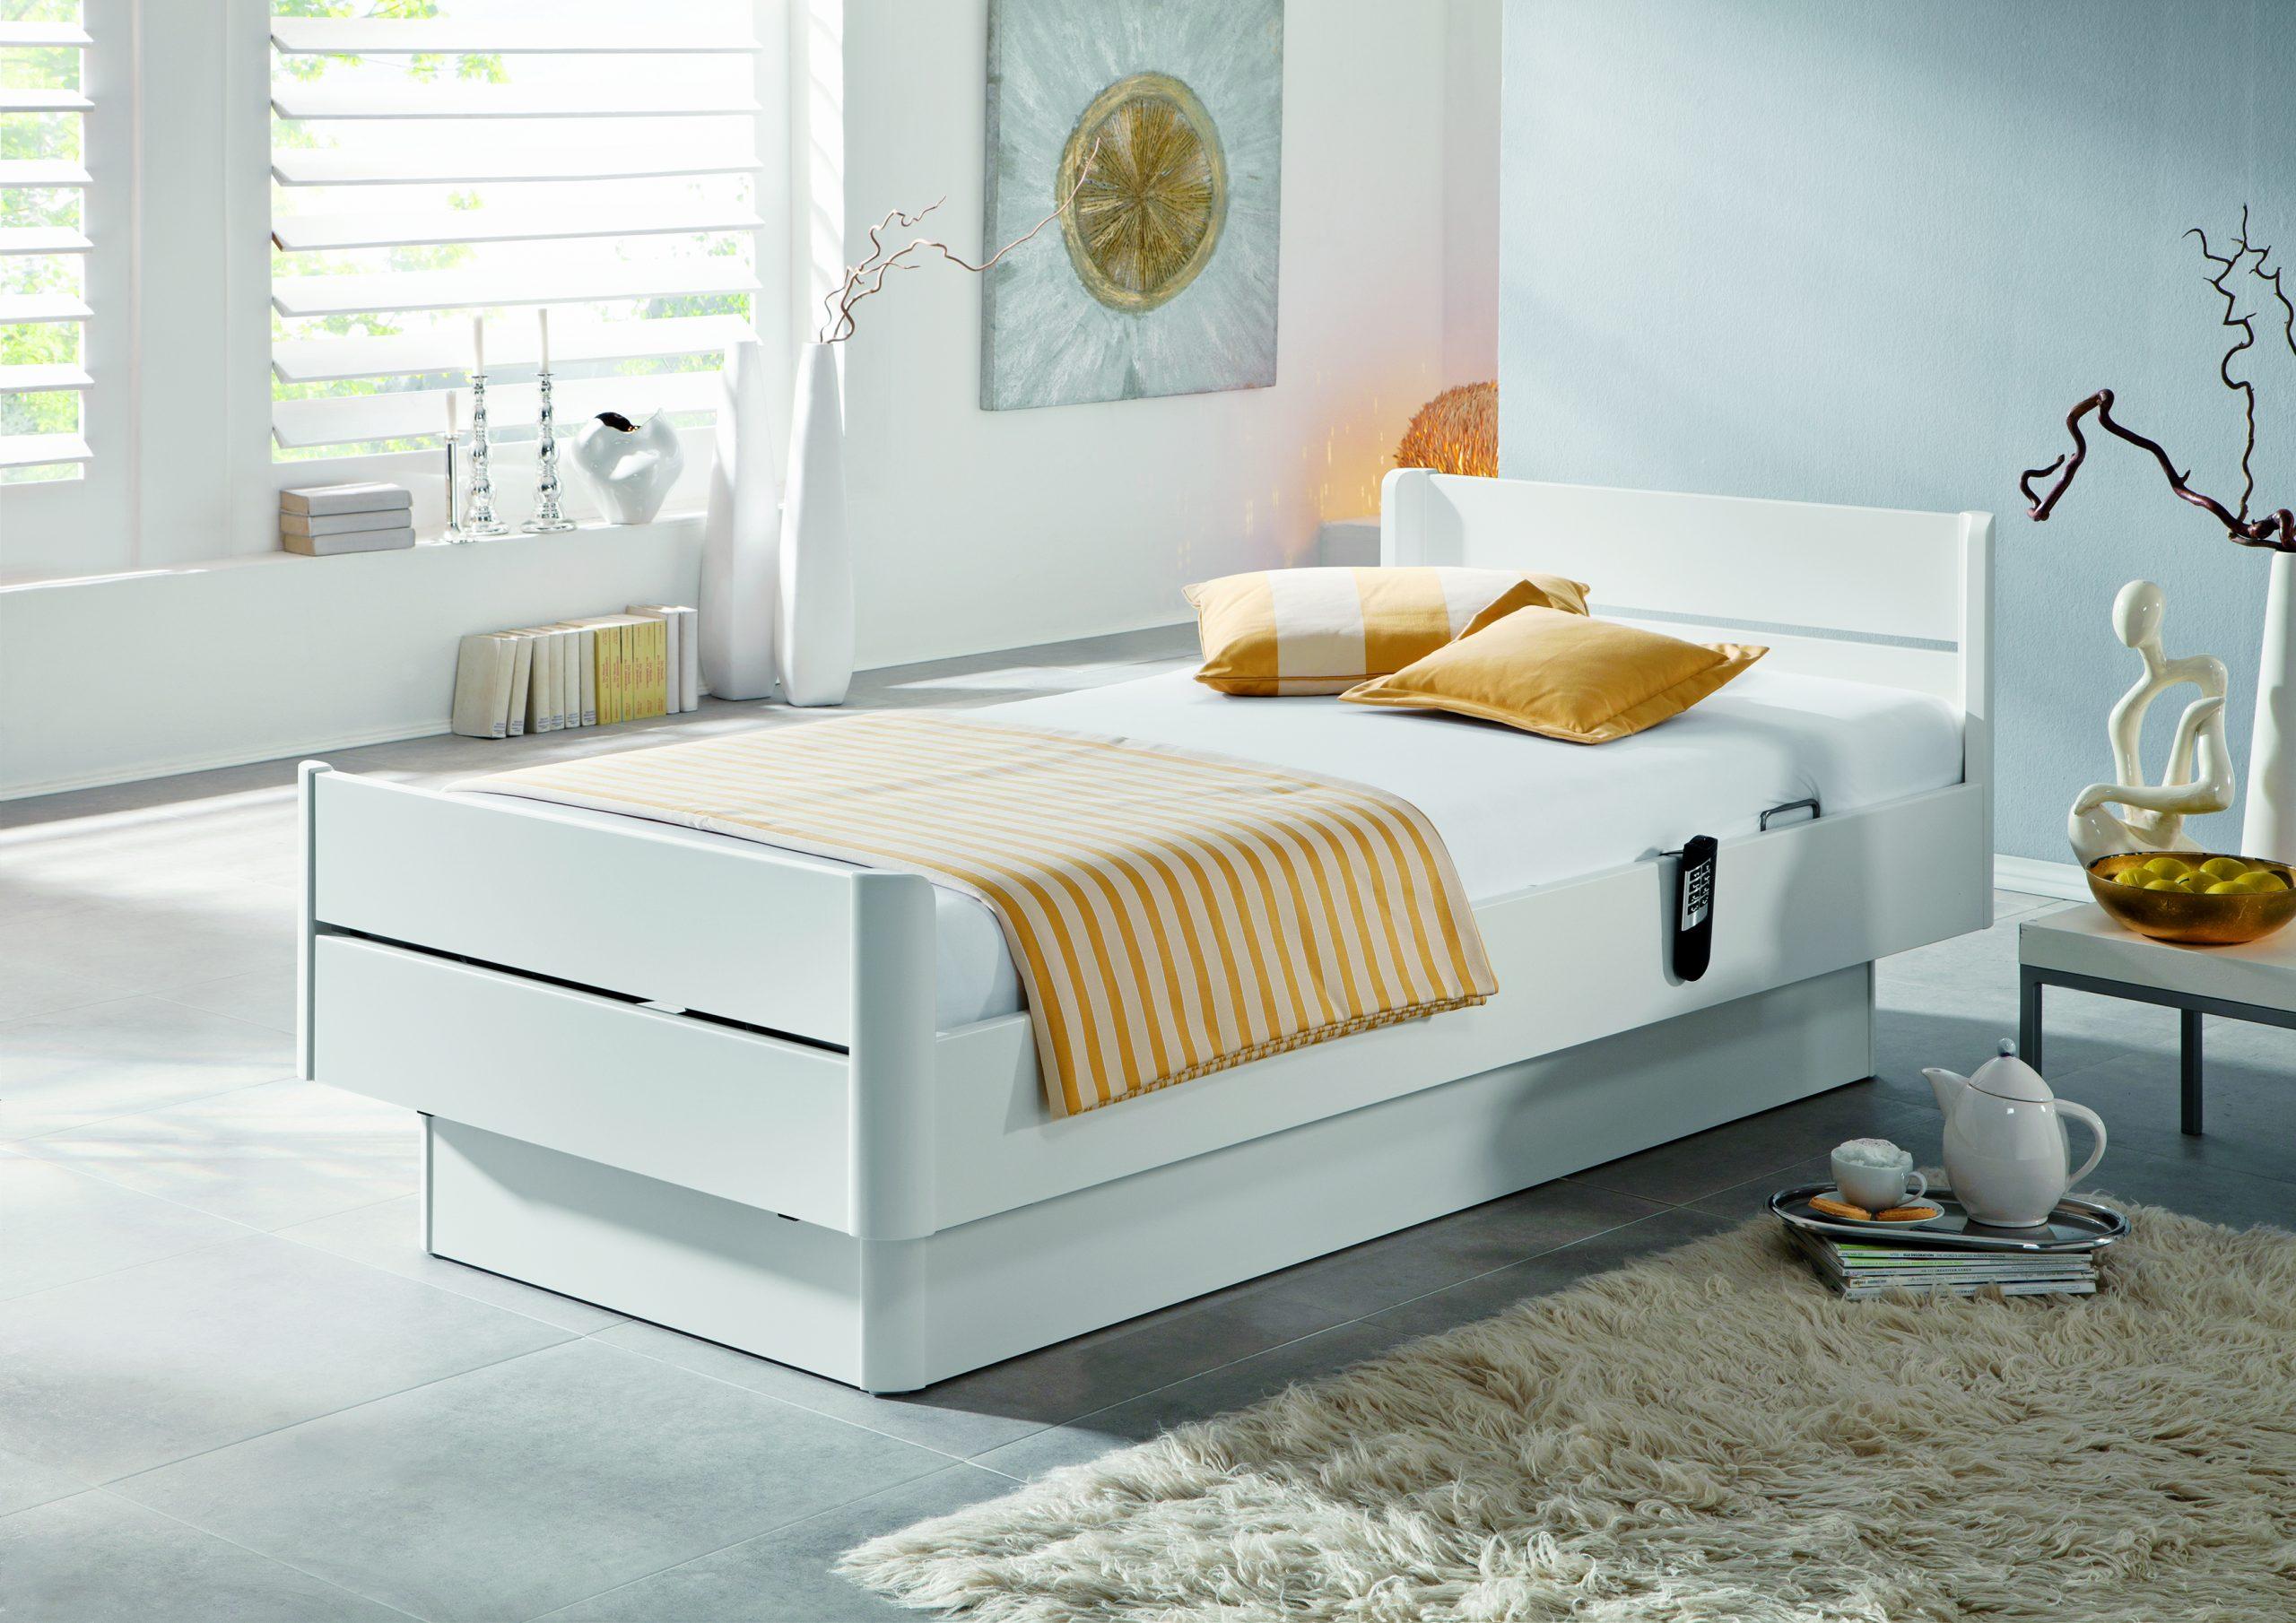 Full Size of Betten Ikea 160x200 Bett Stauraum Mit 200x200 Selber Bauen Anleitung 120x200 Außergewöhnliche Bei Weiße Amerikanische Amazon 180x200 Köln Ebay Schramm Xxl Bett Betten Ikea 160x200